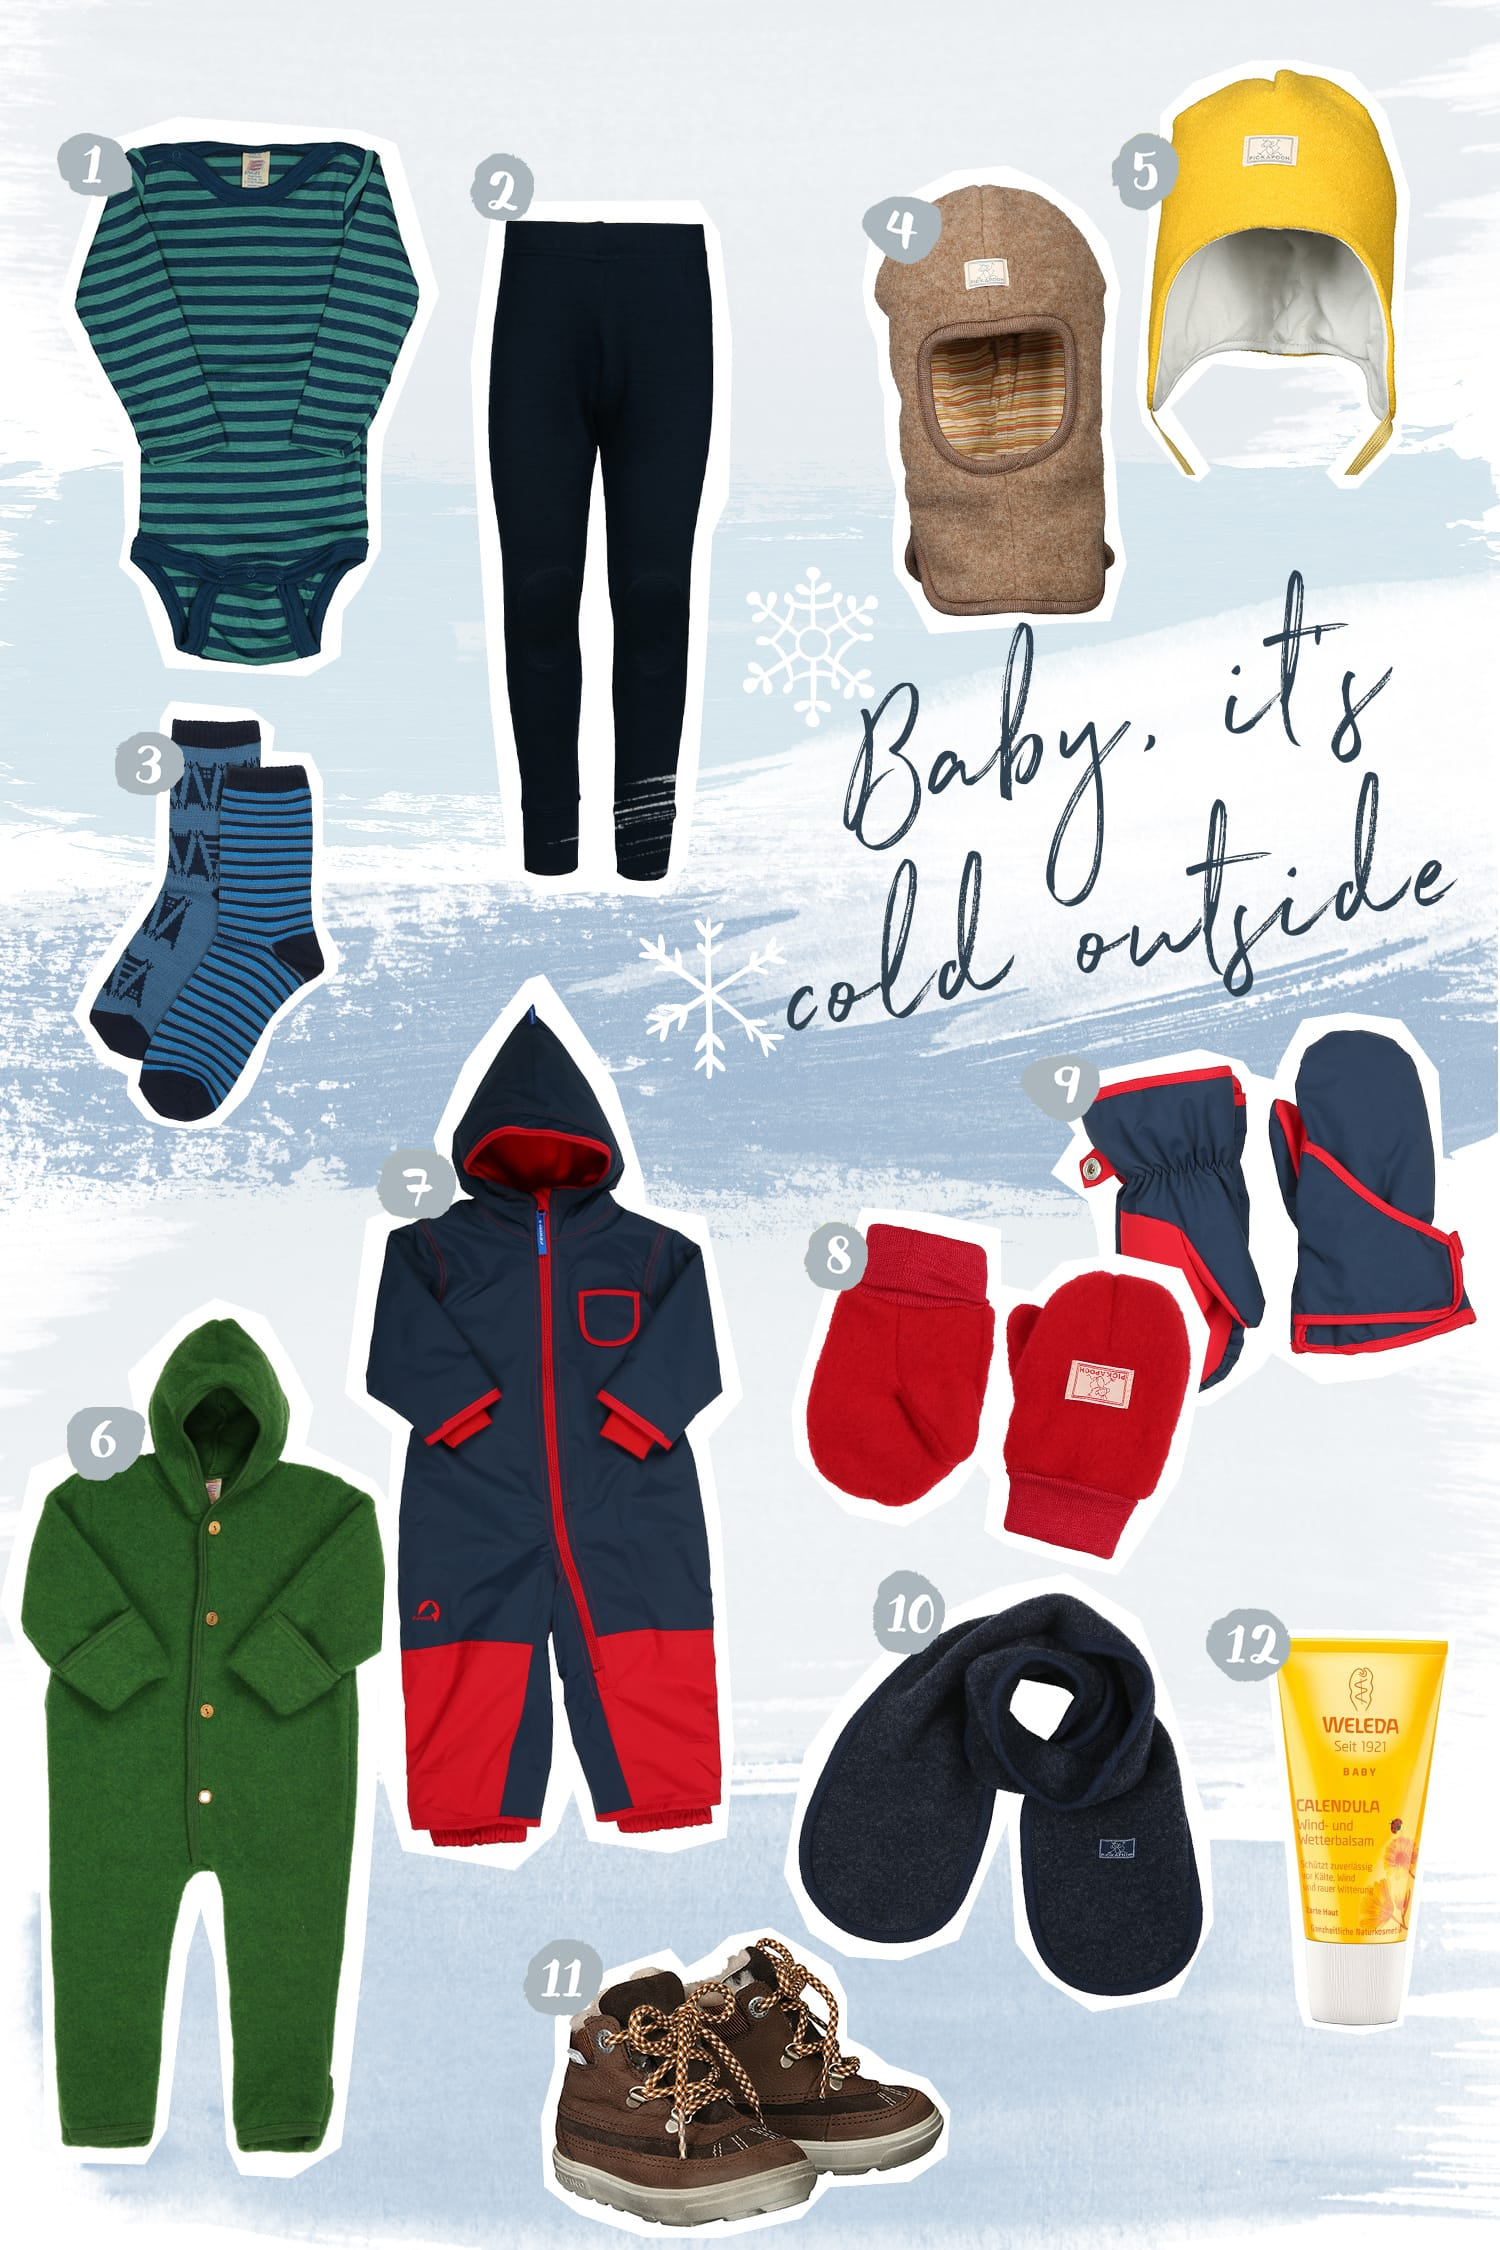 Was ziehe ich meinem Kleinkind im Winter an? | Kleine Kinder im Winter richtig anziehen | Winter Essentials | Baby | Kleinkind | Winterkleidung | Schneeanzug | Wollwalk | Wollfleece | Walkoverall | Wolle & Seide | Wollsocken | Fäustlinge | Handschuhe | Wollmütze | Warme Kleidung | ivy.li